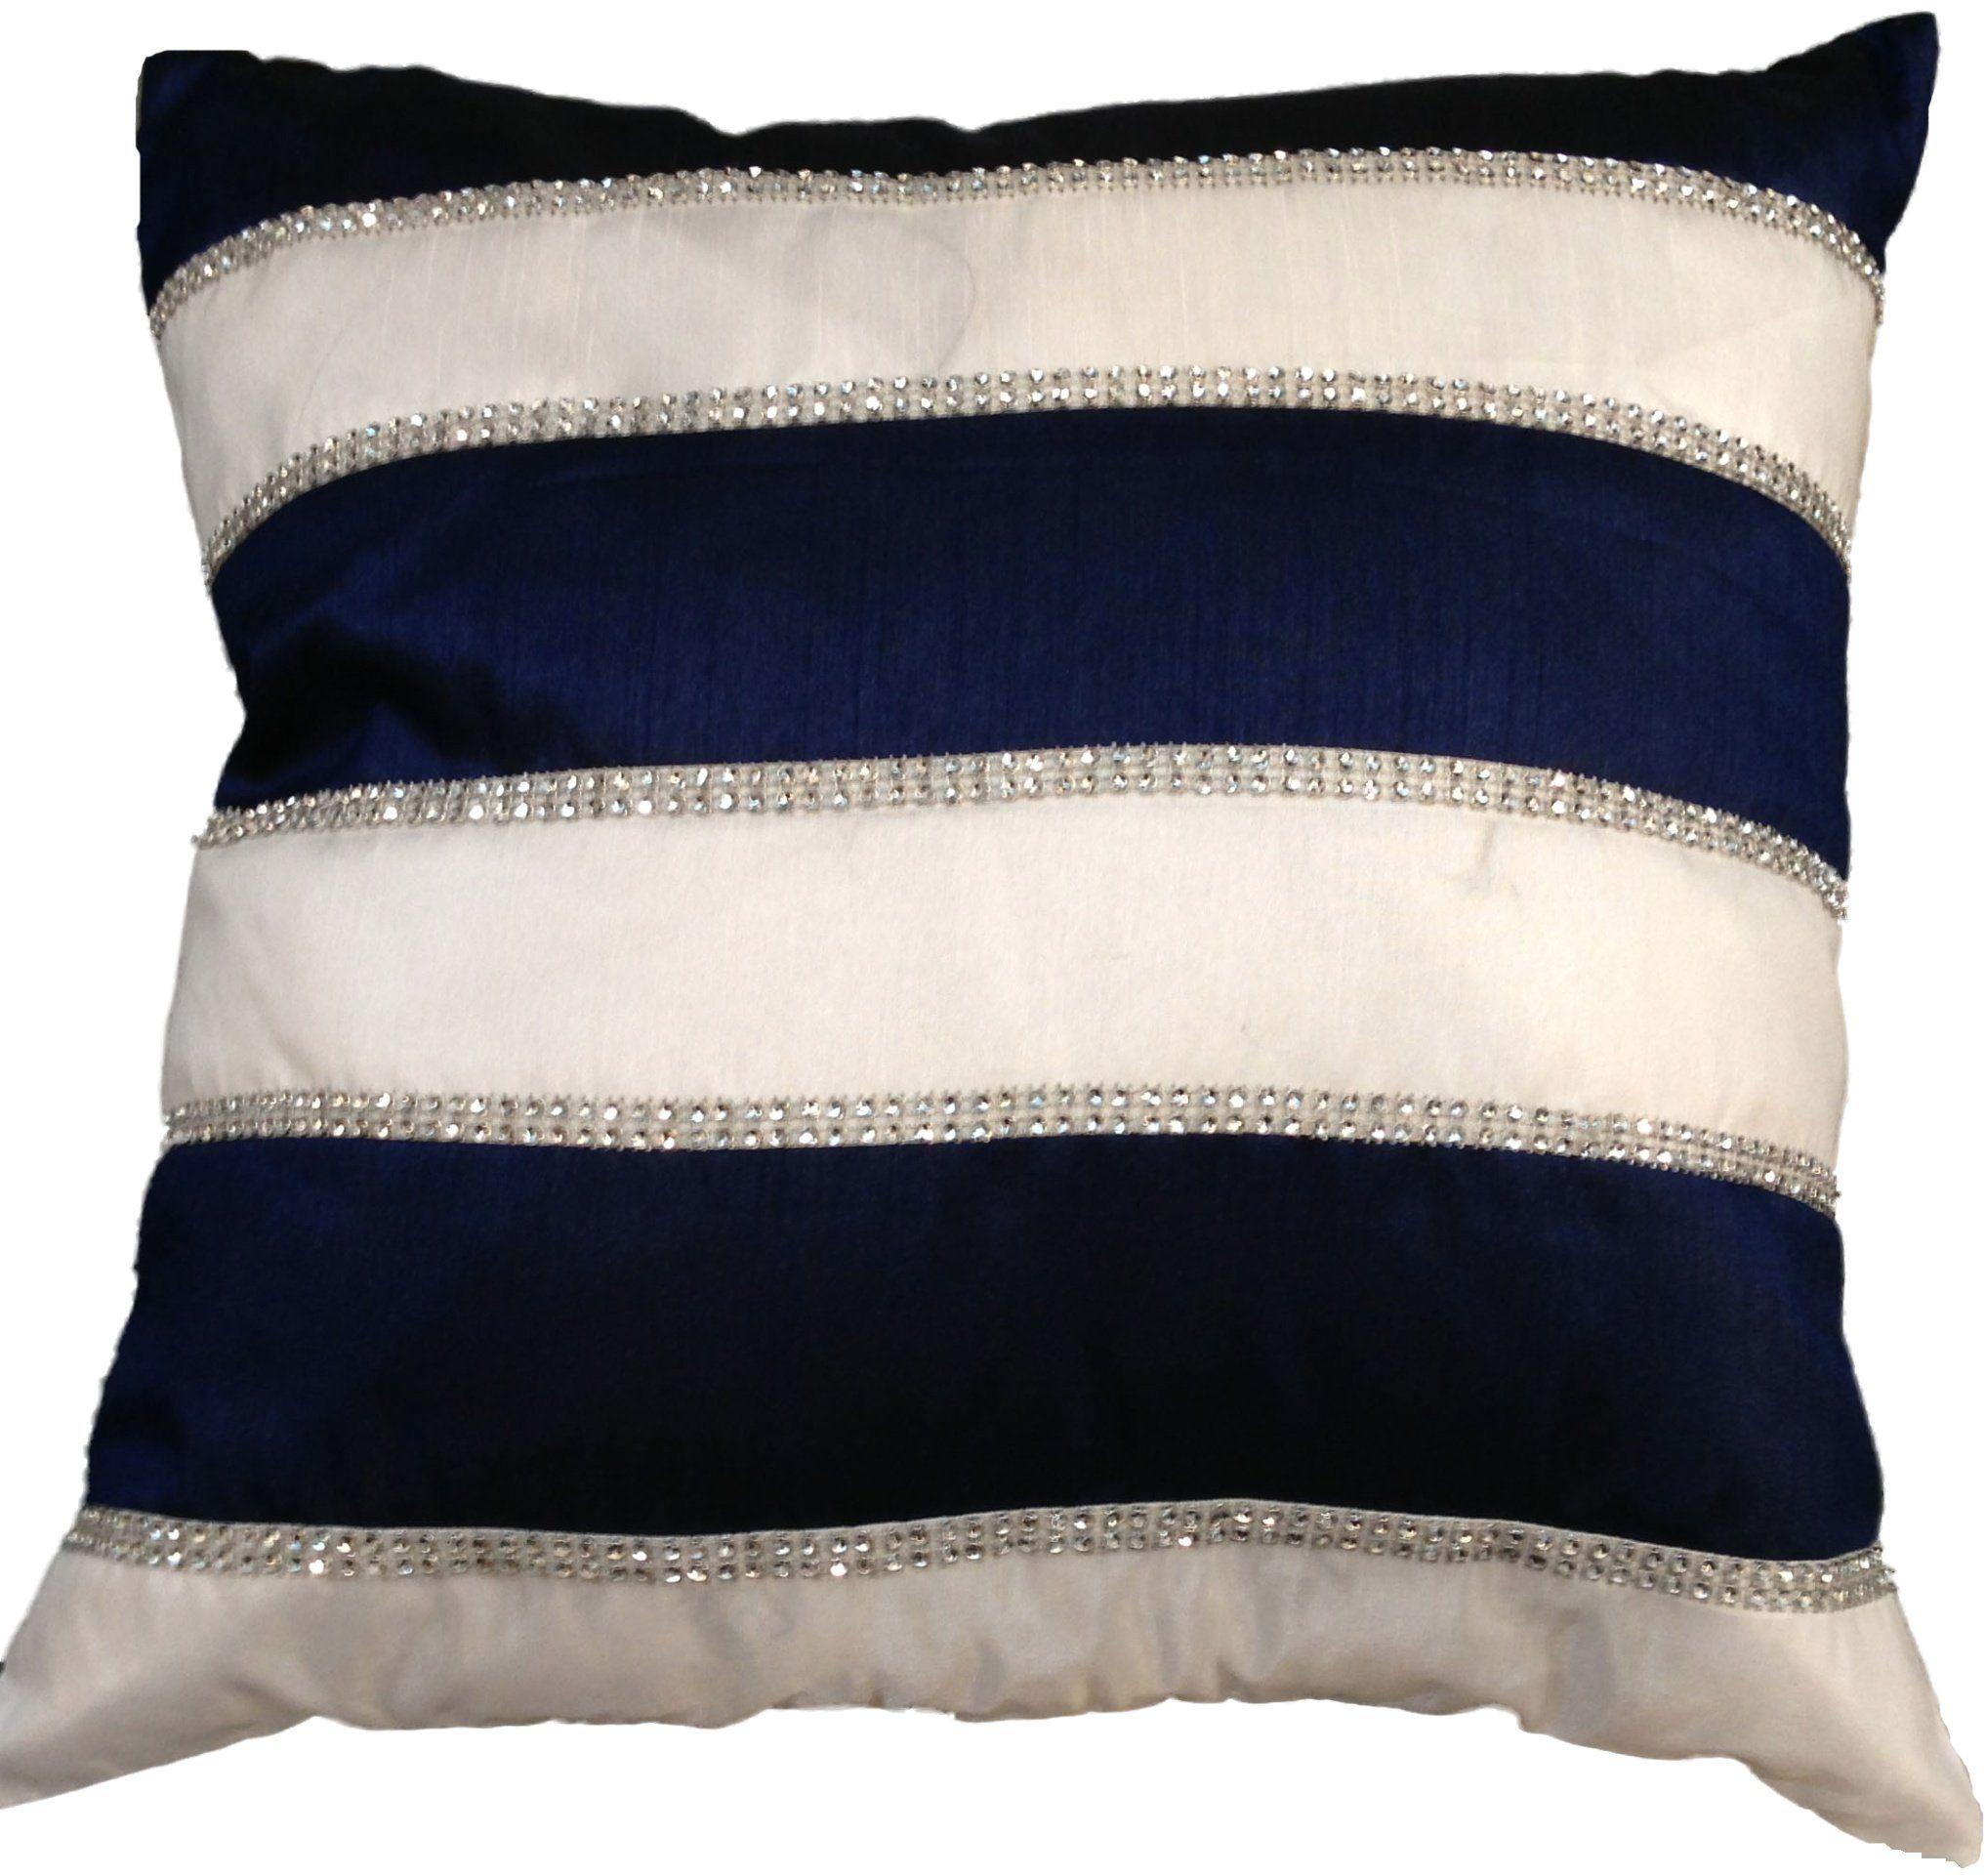 My Flair Poduszka w ponadczasowym stylu, 45 x 45 x 8 cm z wypełnieniem, poliester, pranie ręczne, fioletowa/biała z kamieniami dekoracyjnymi